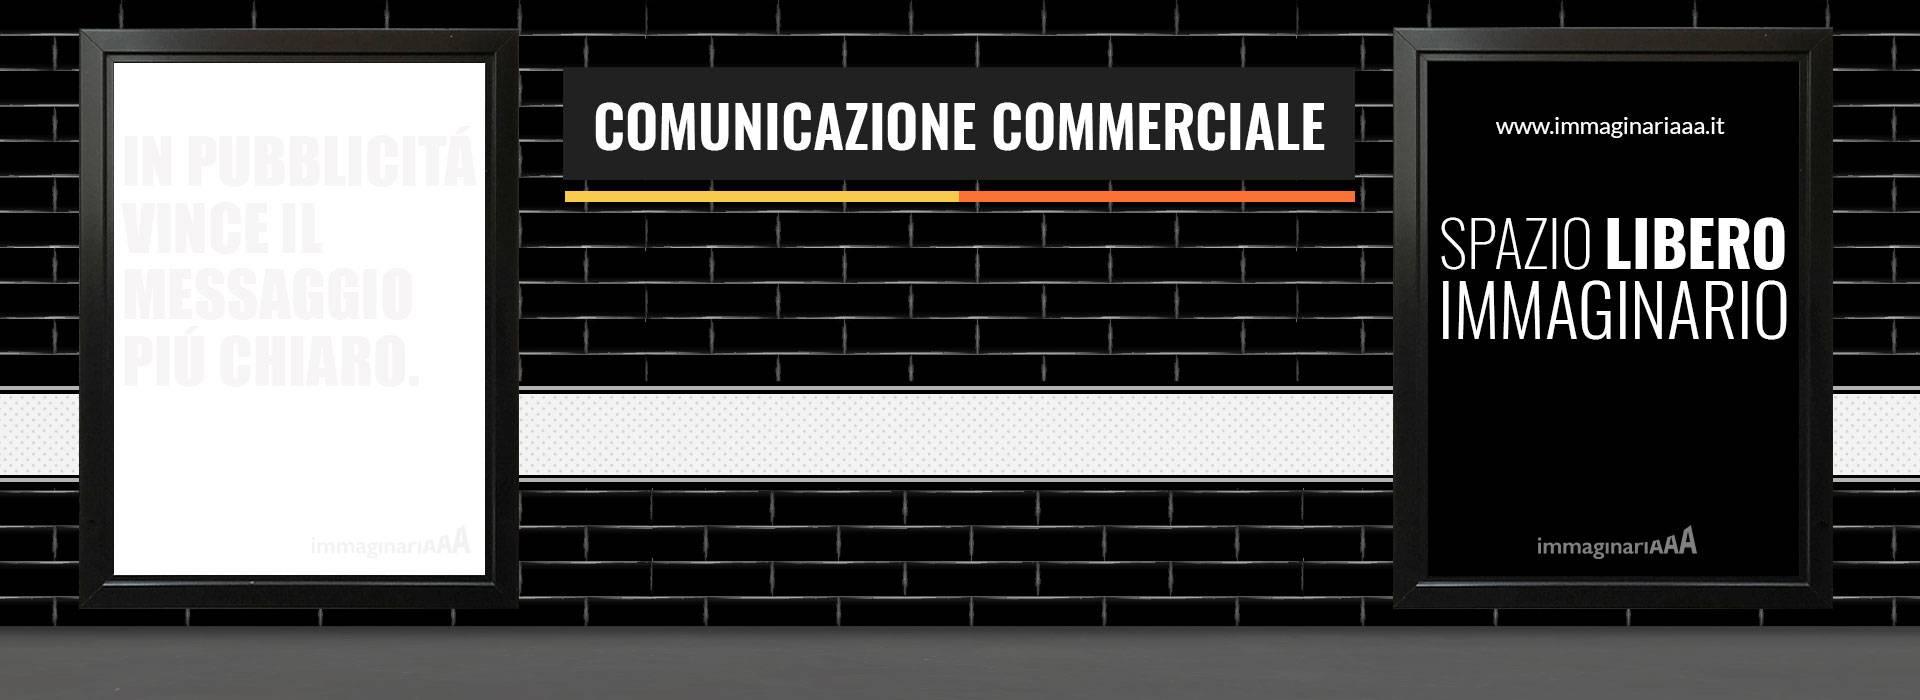 Comunicazione commerciale